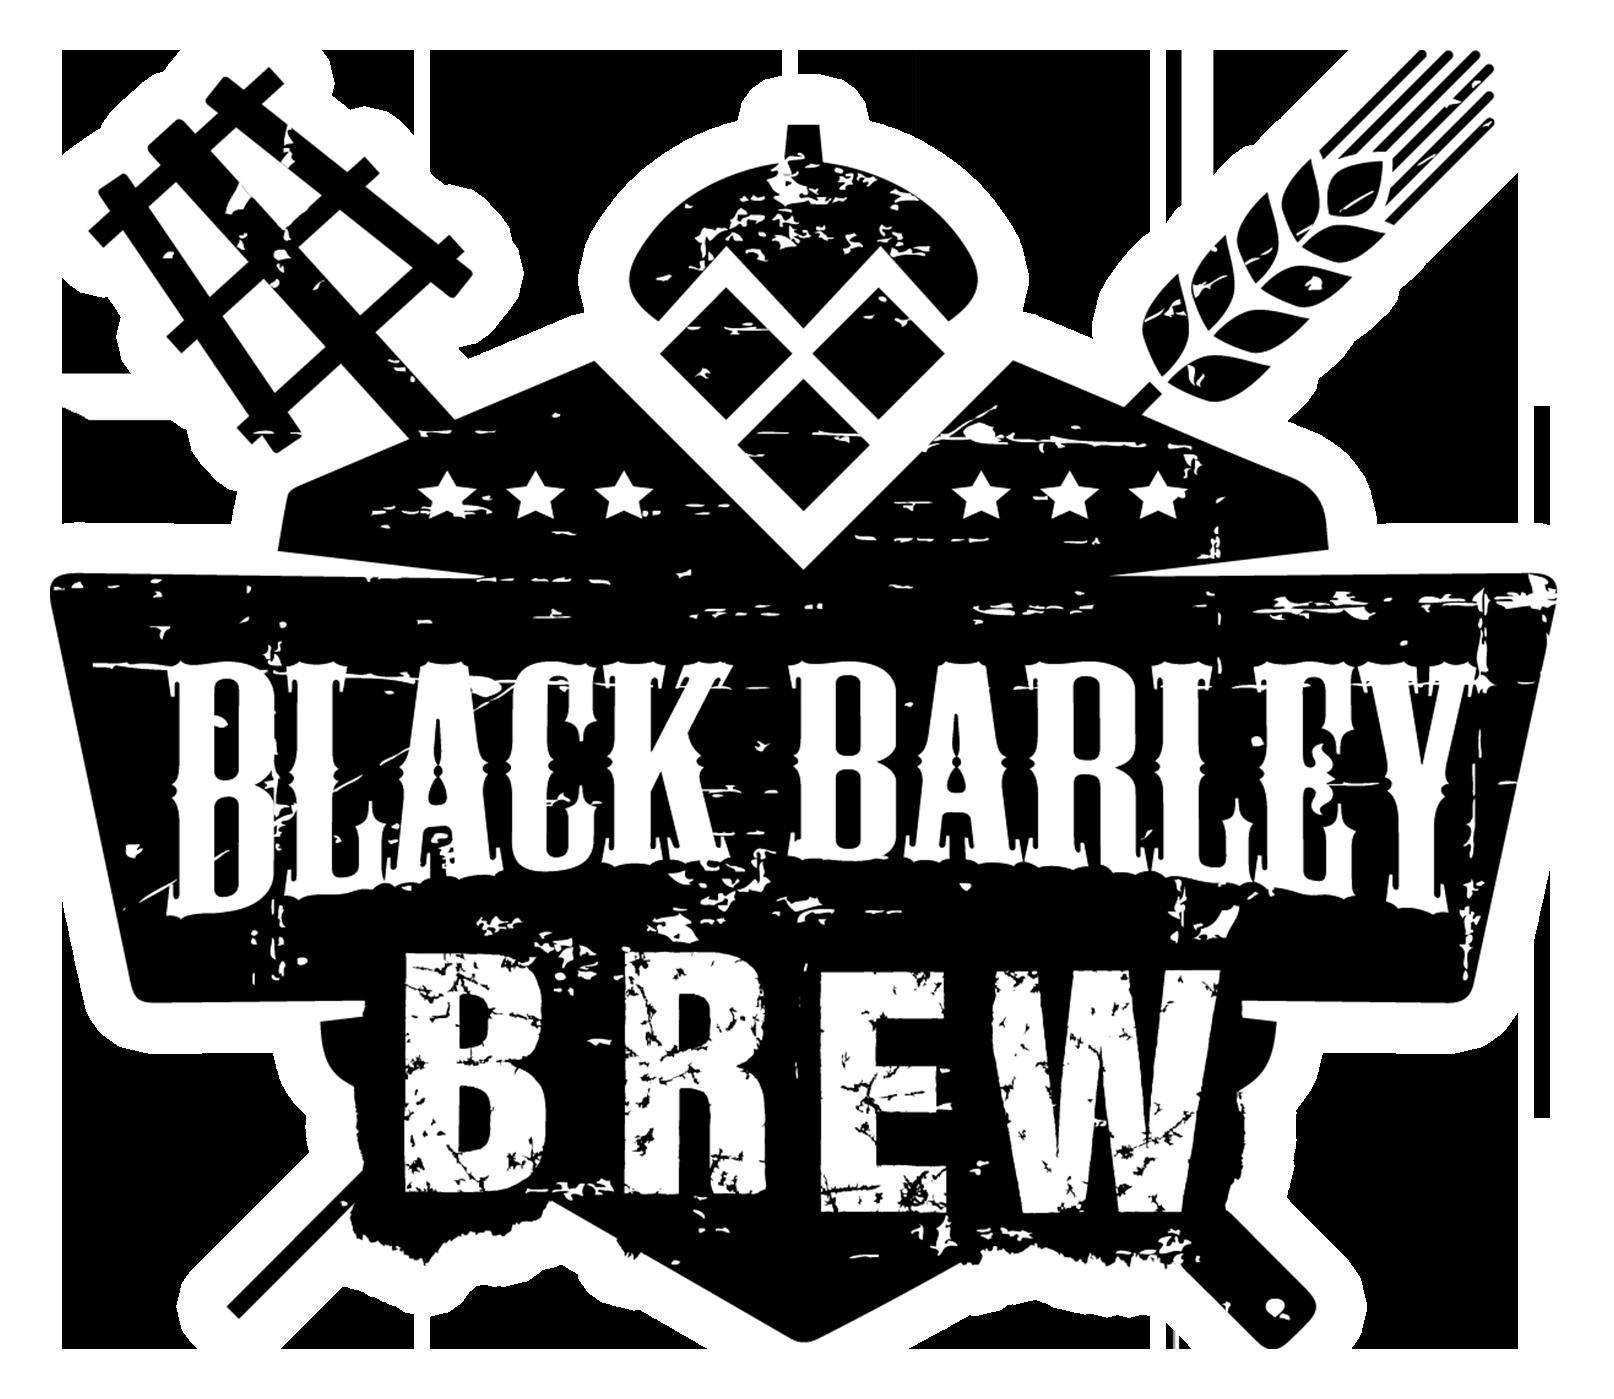 Black Barley Brew